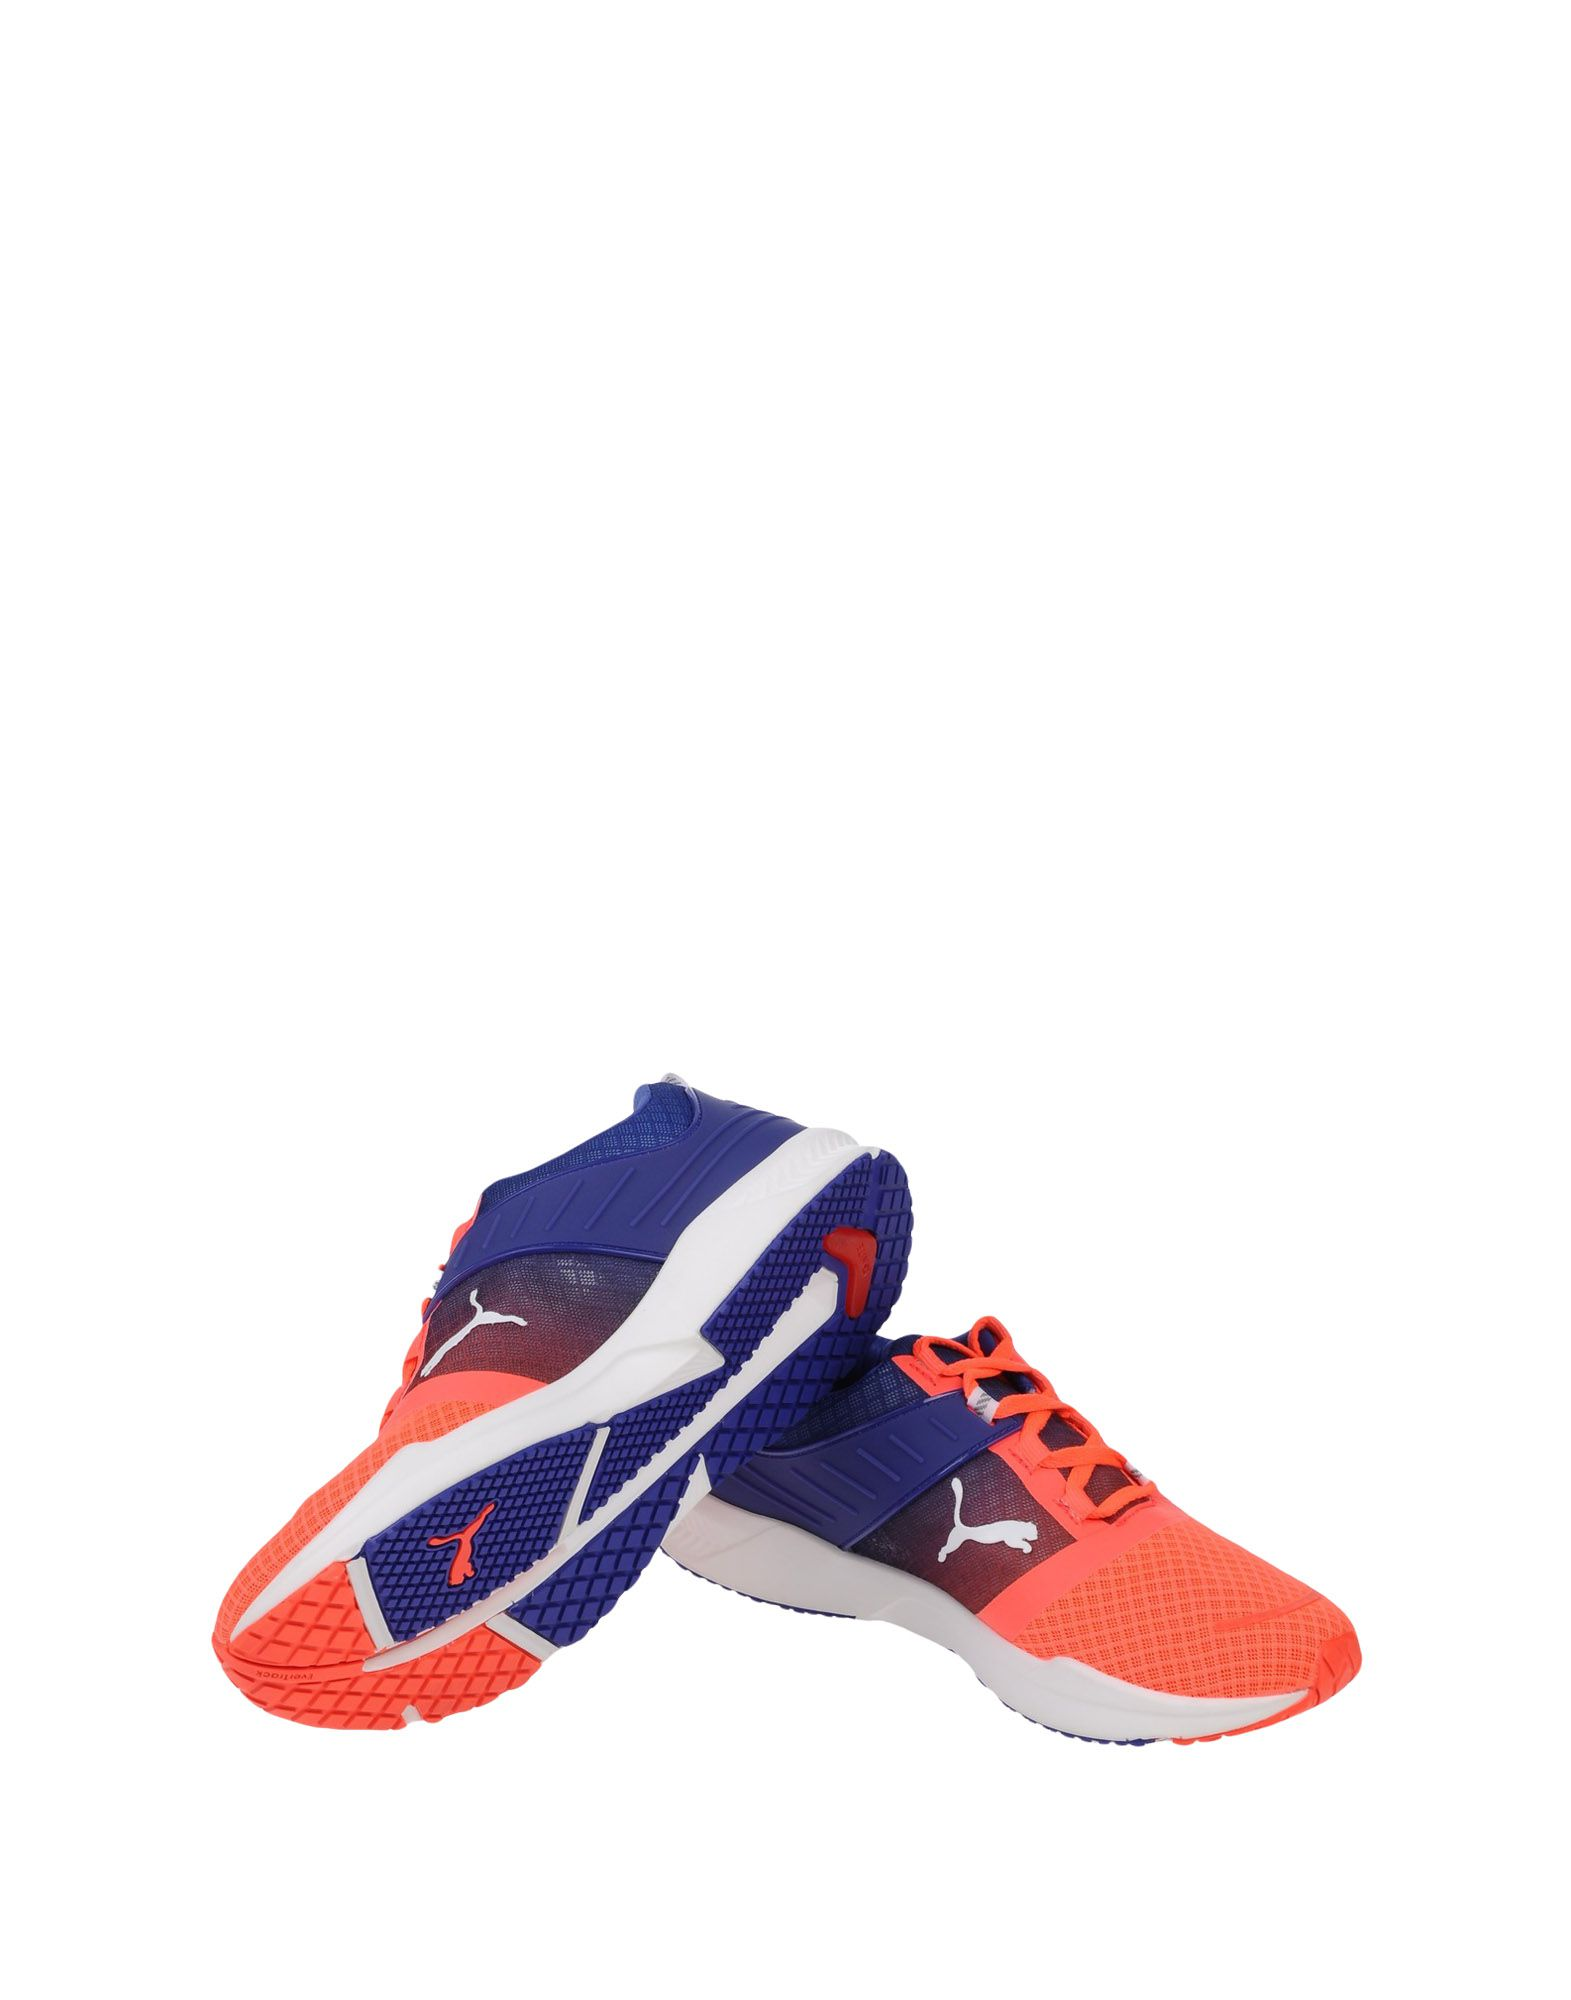 Puma Ignite Xt V2 Qualität Wns  11108544KH Gute Qualität V2 beliebte Schuhe 3c9e01